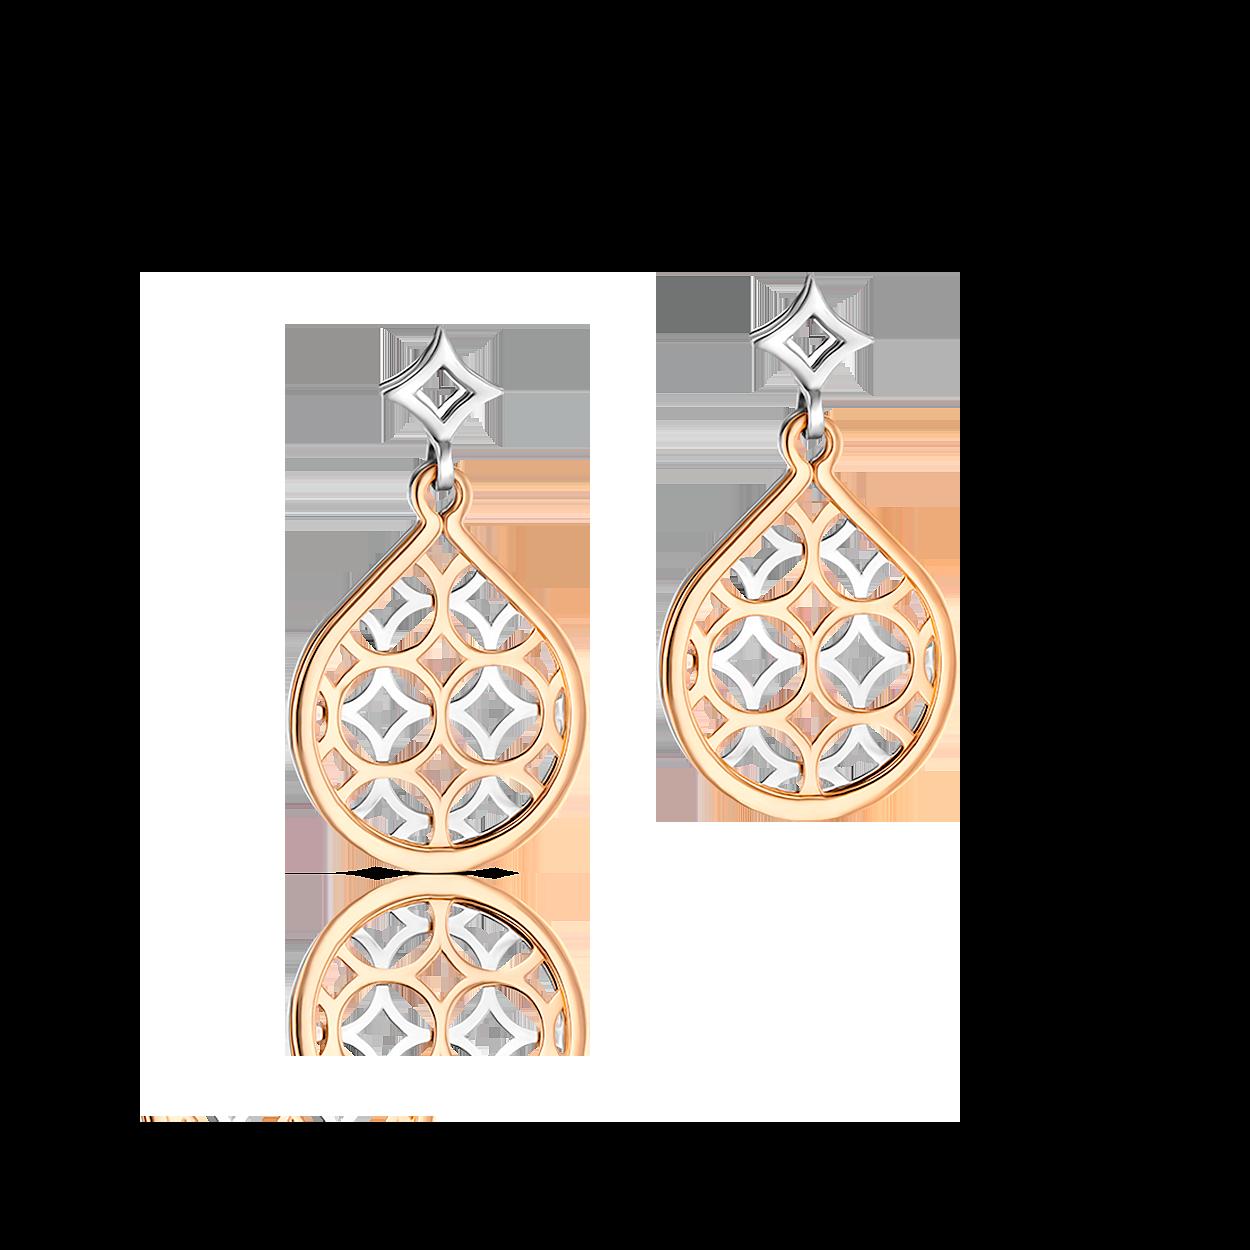 بالصور شاهدوا مجموعة القصر من داماس للمجوهرات